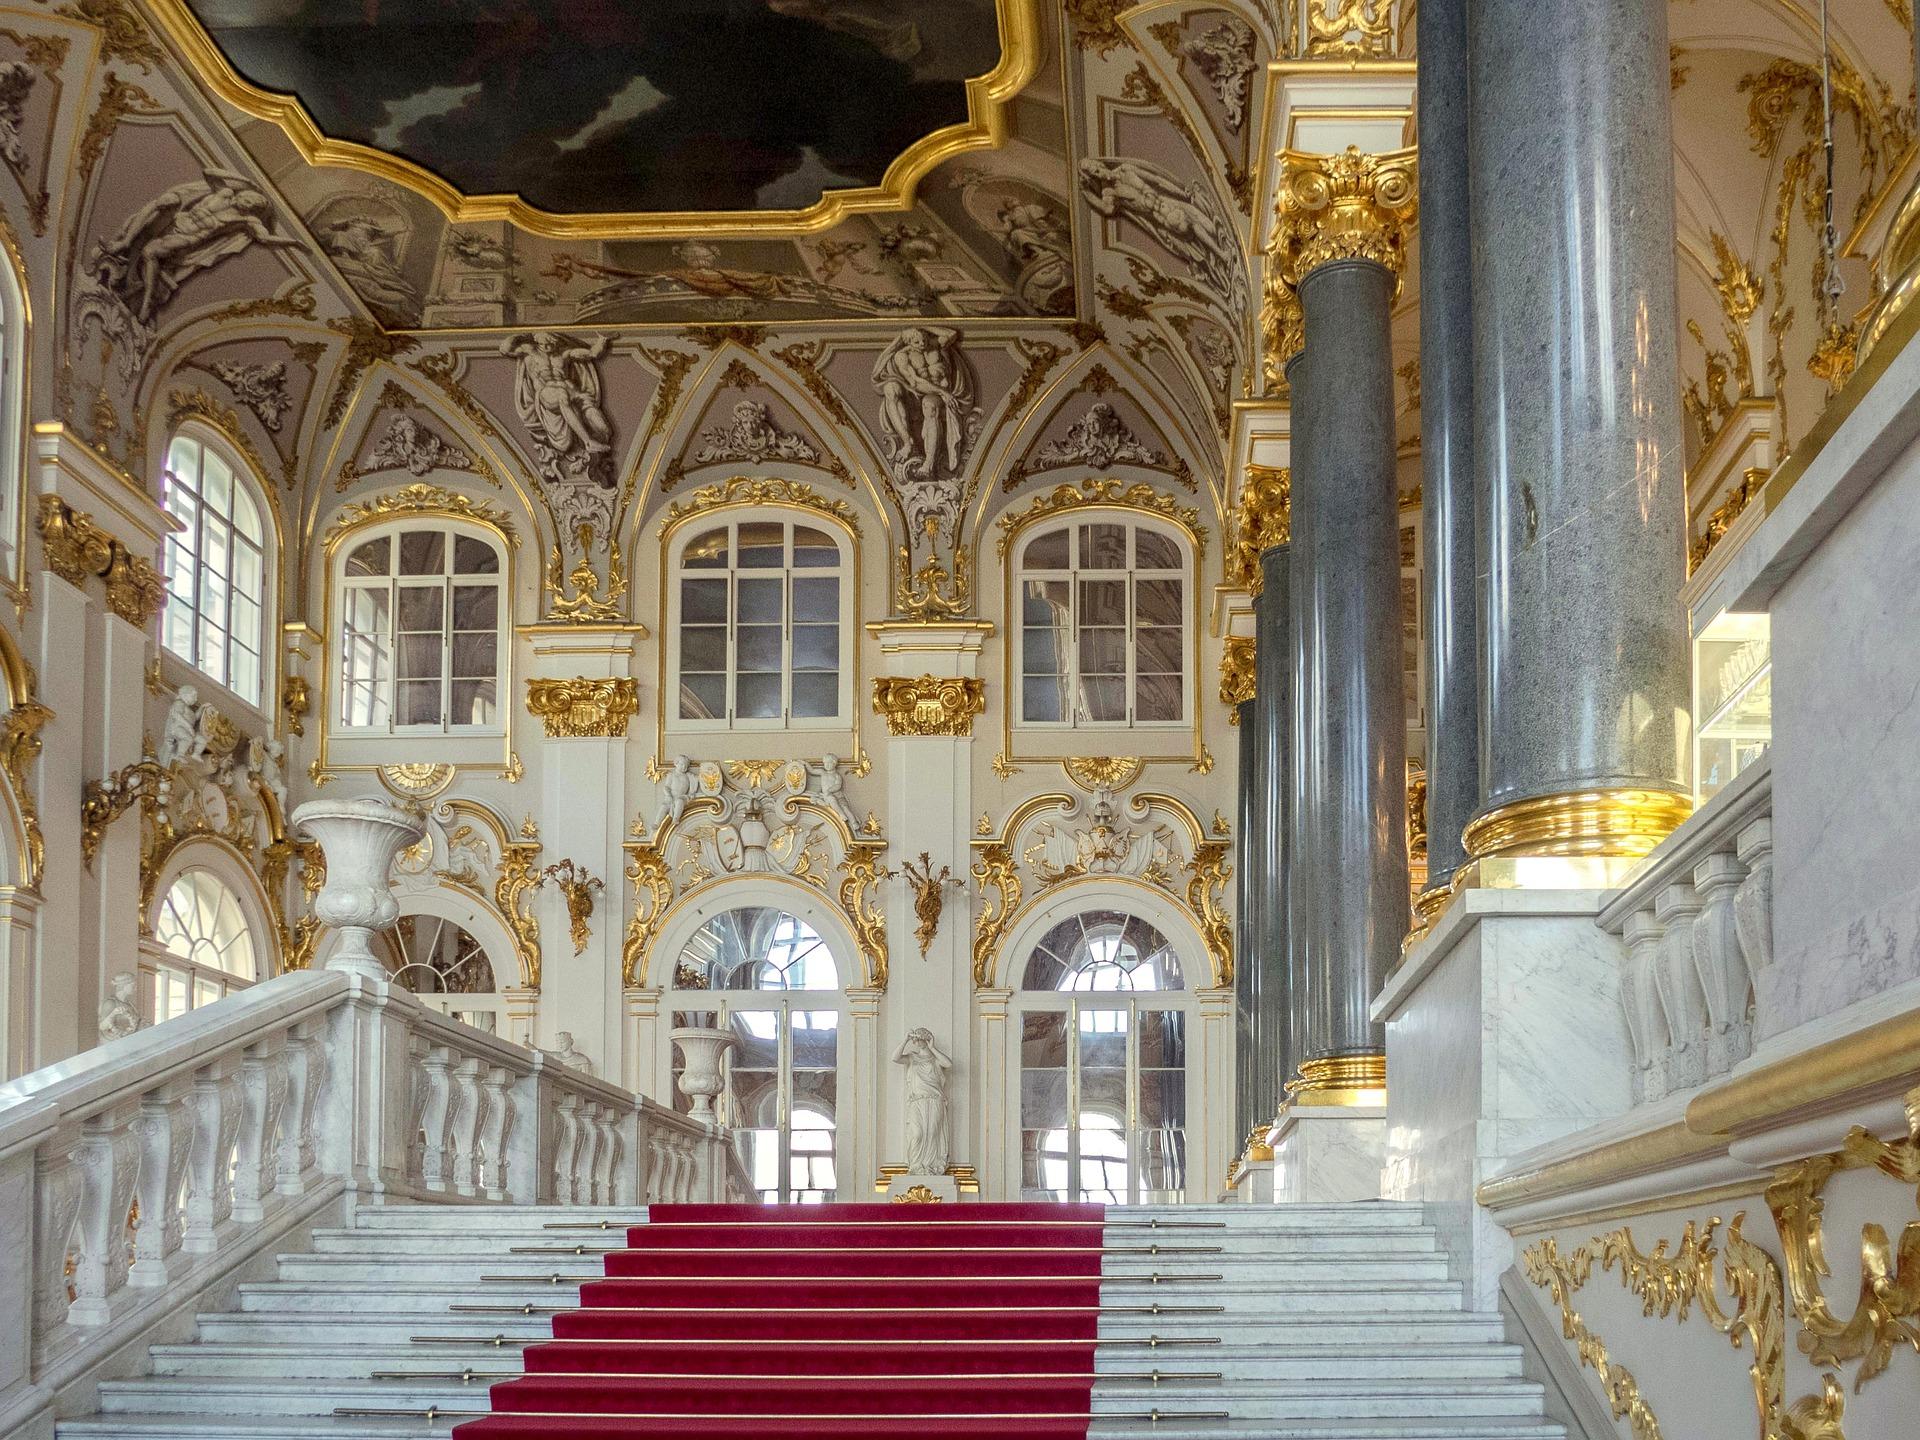 grand escalier avec un tapis rouge dans l'ermitage